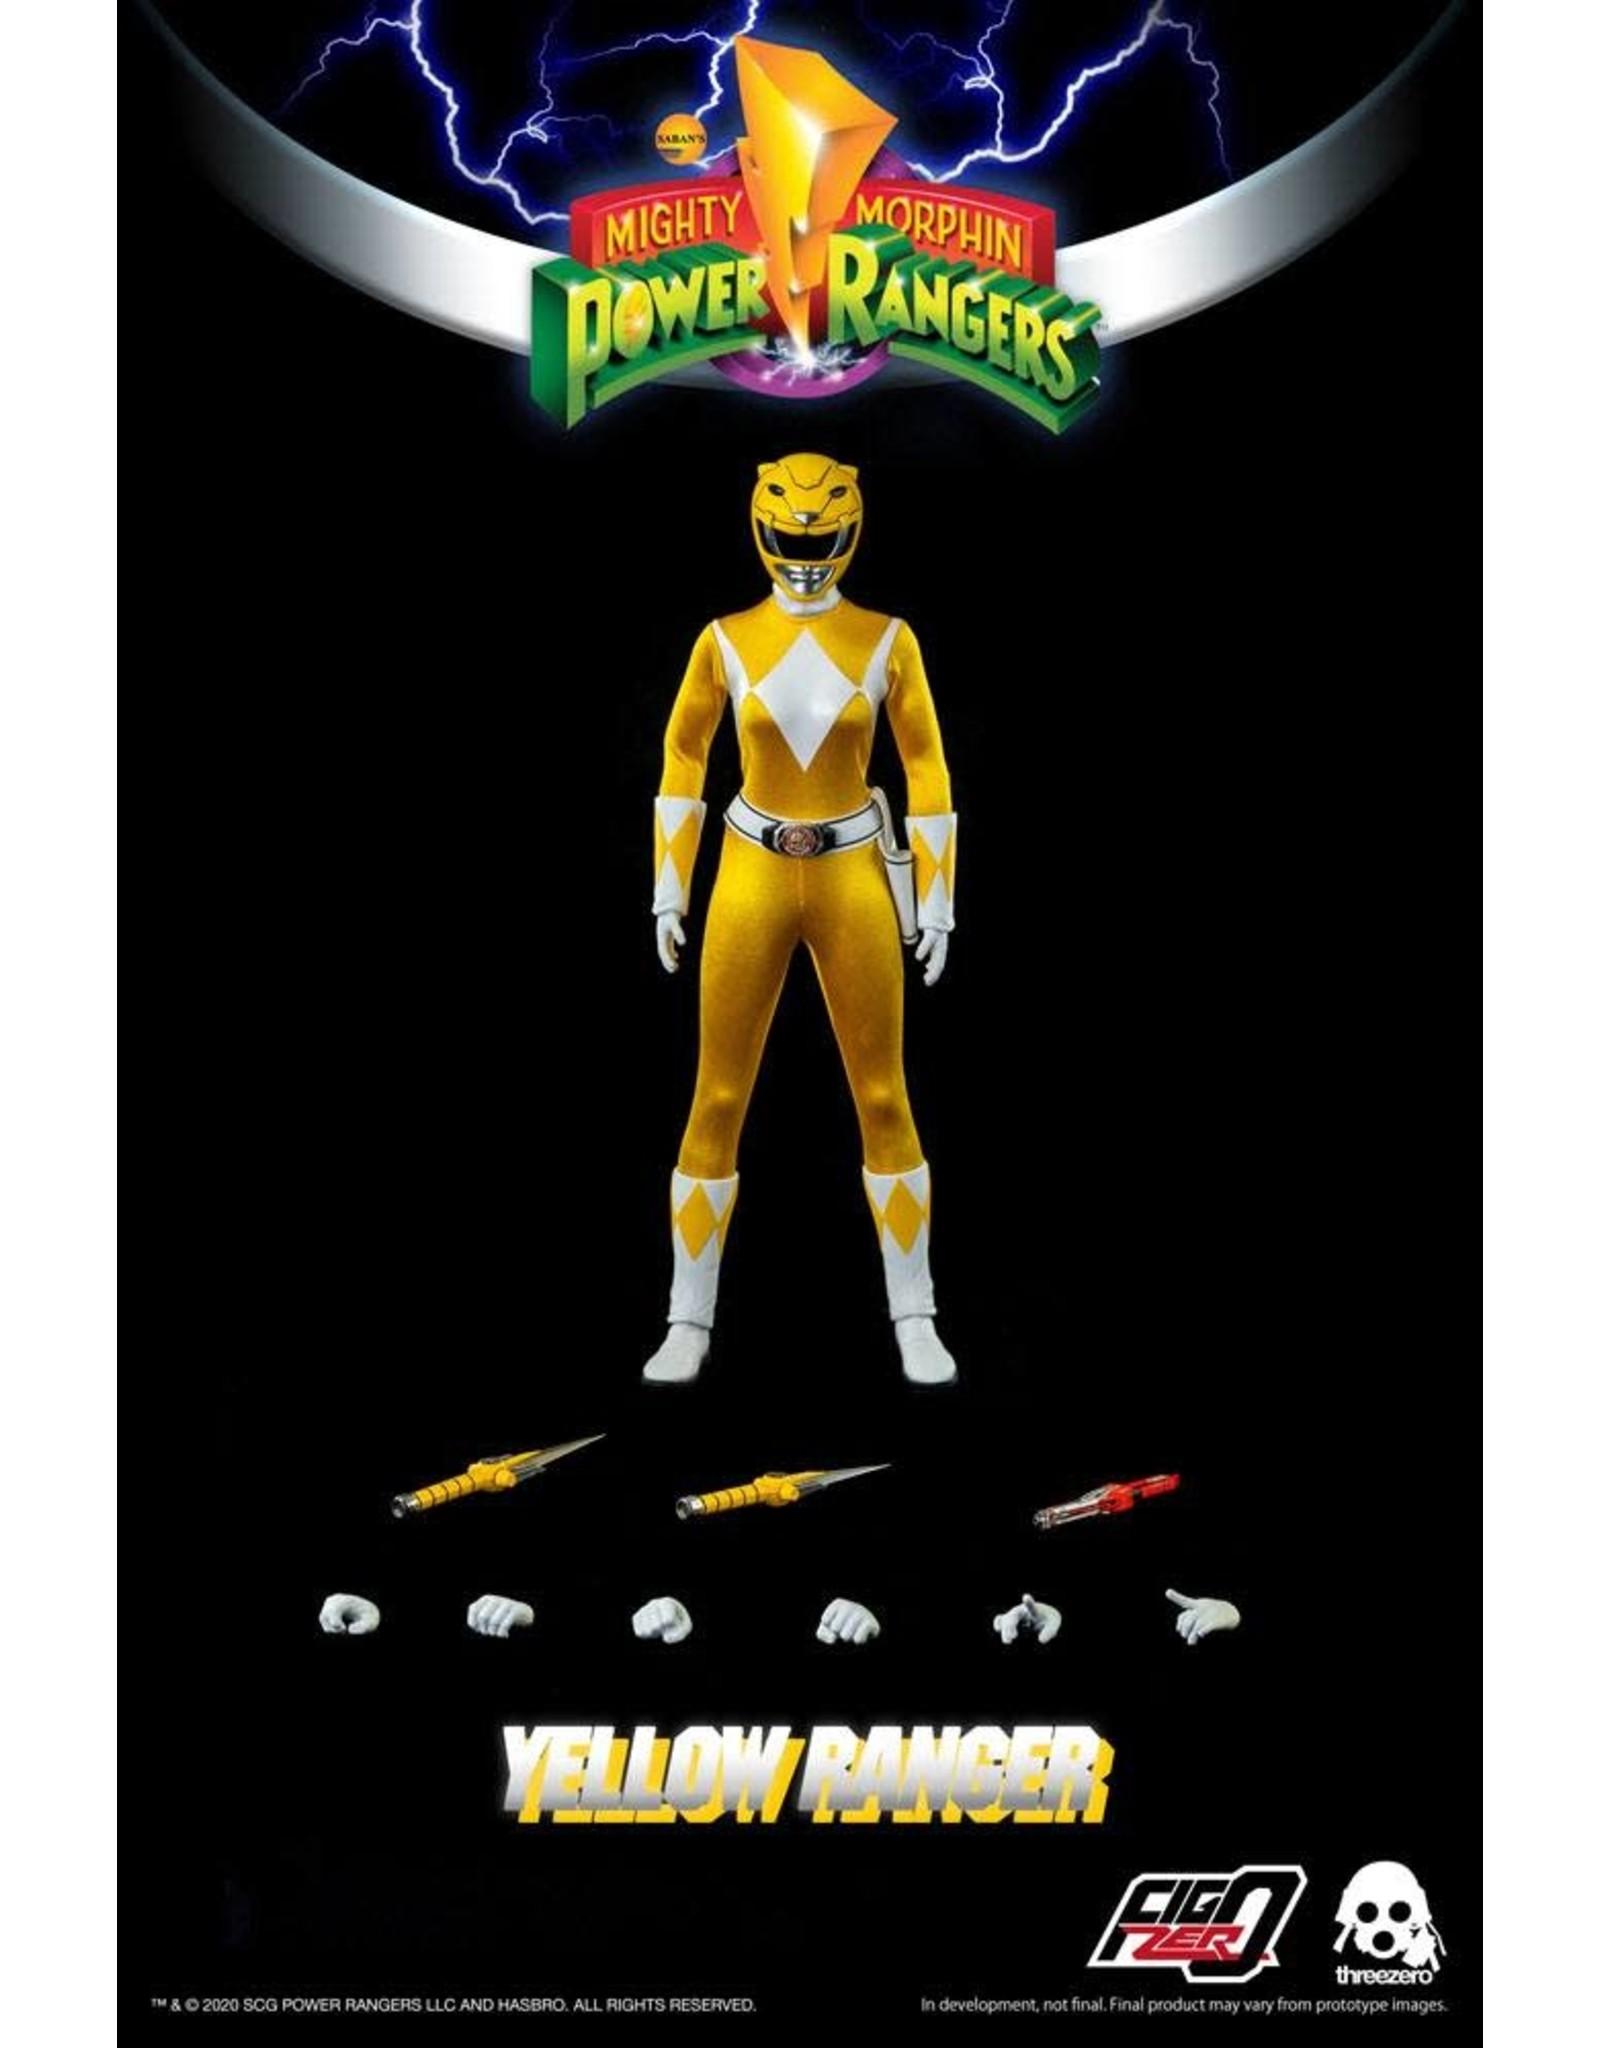 ThreeZero MIGHTY MORPHIN POWER RANGERS FigZero Action Figure 1/6 30cm - Yellow Ranger